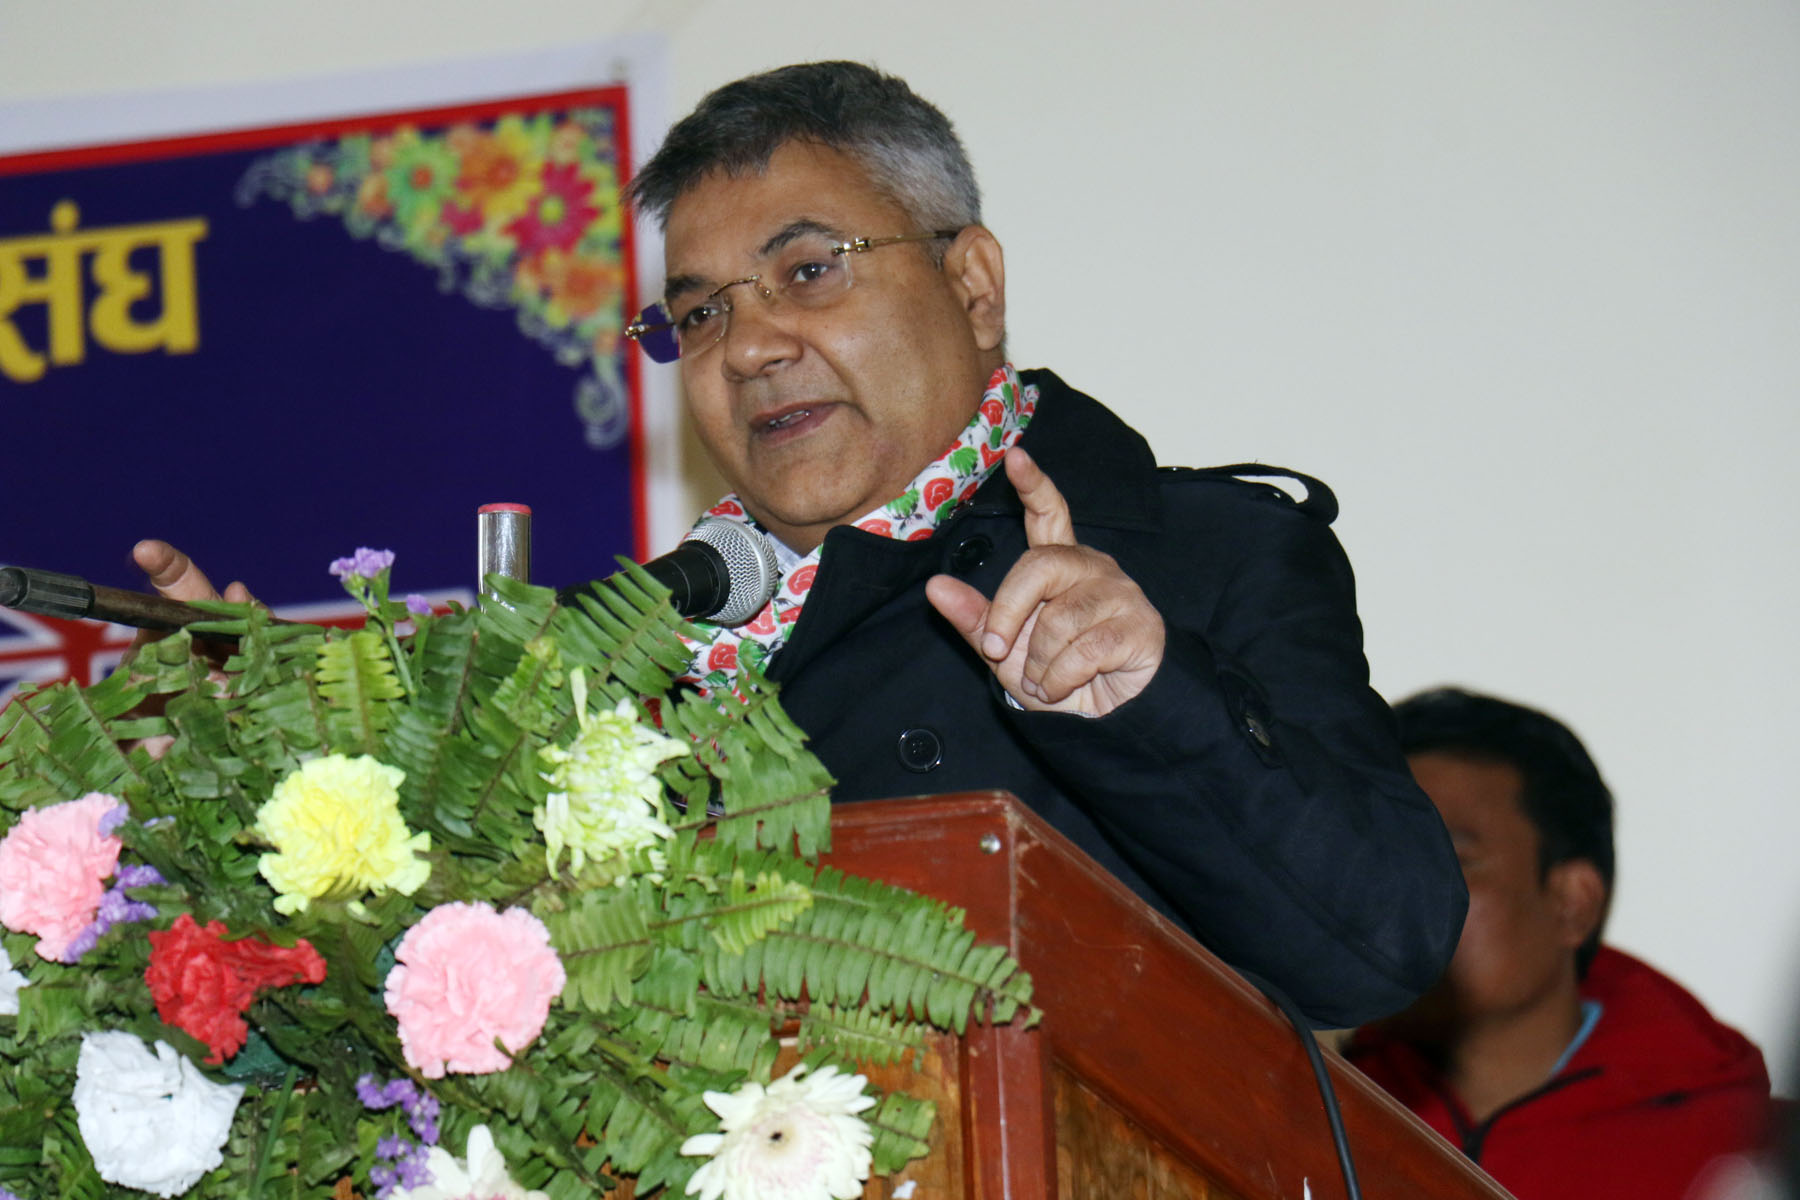 राजनीतिक रङ दिएर अफवाह फैलाउनुको अर्थ छैन : मन्त्री बाँस्कोटा